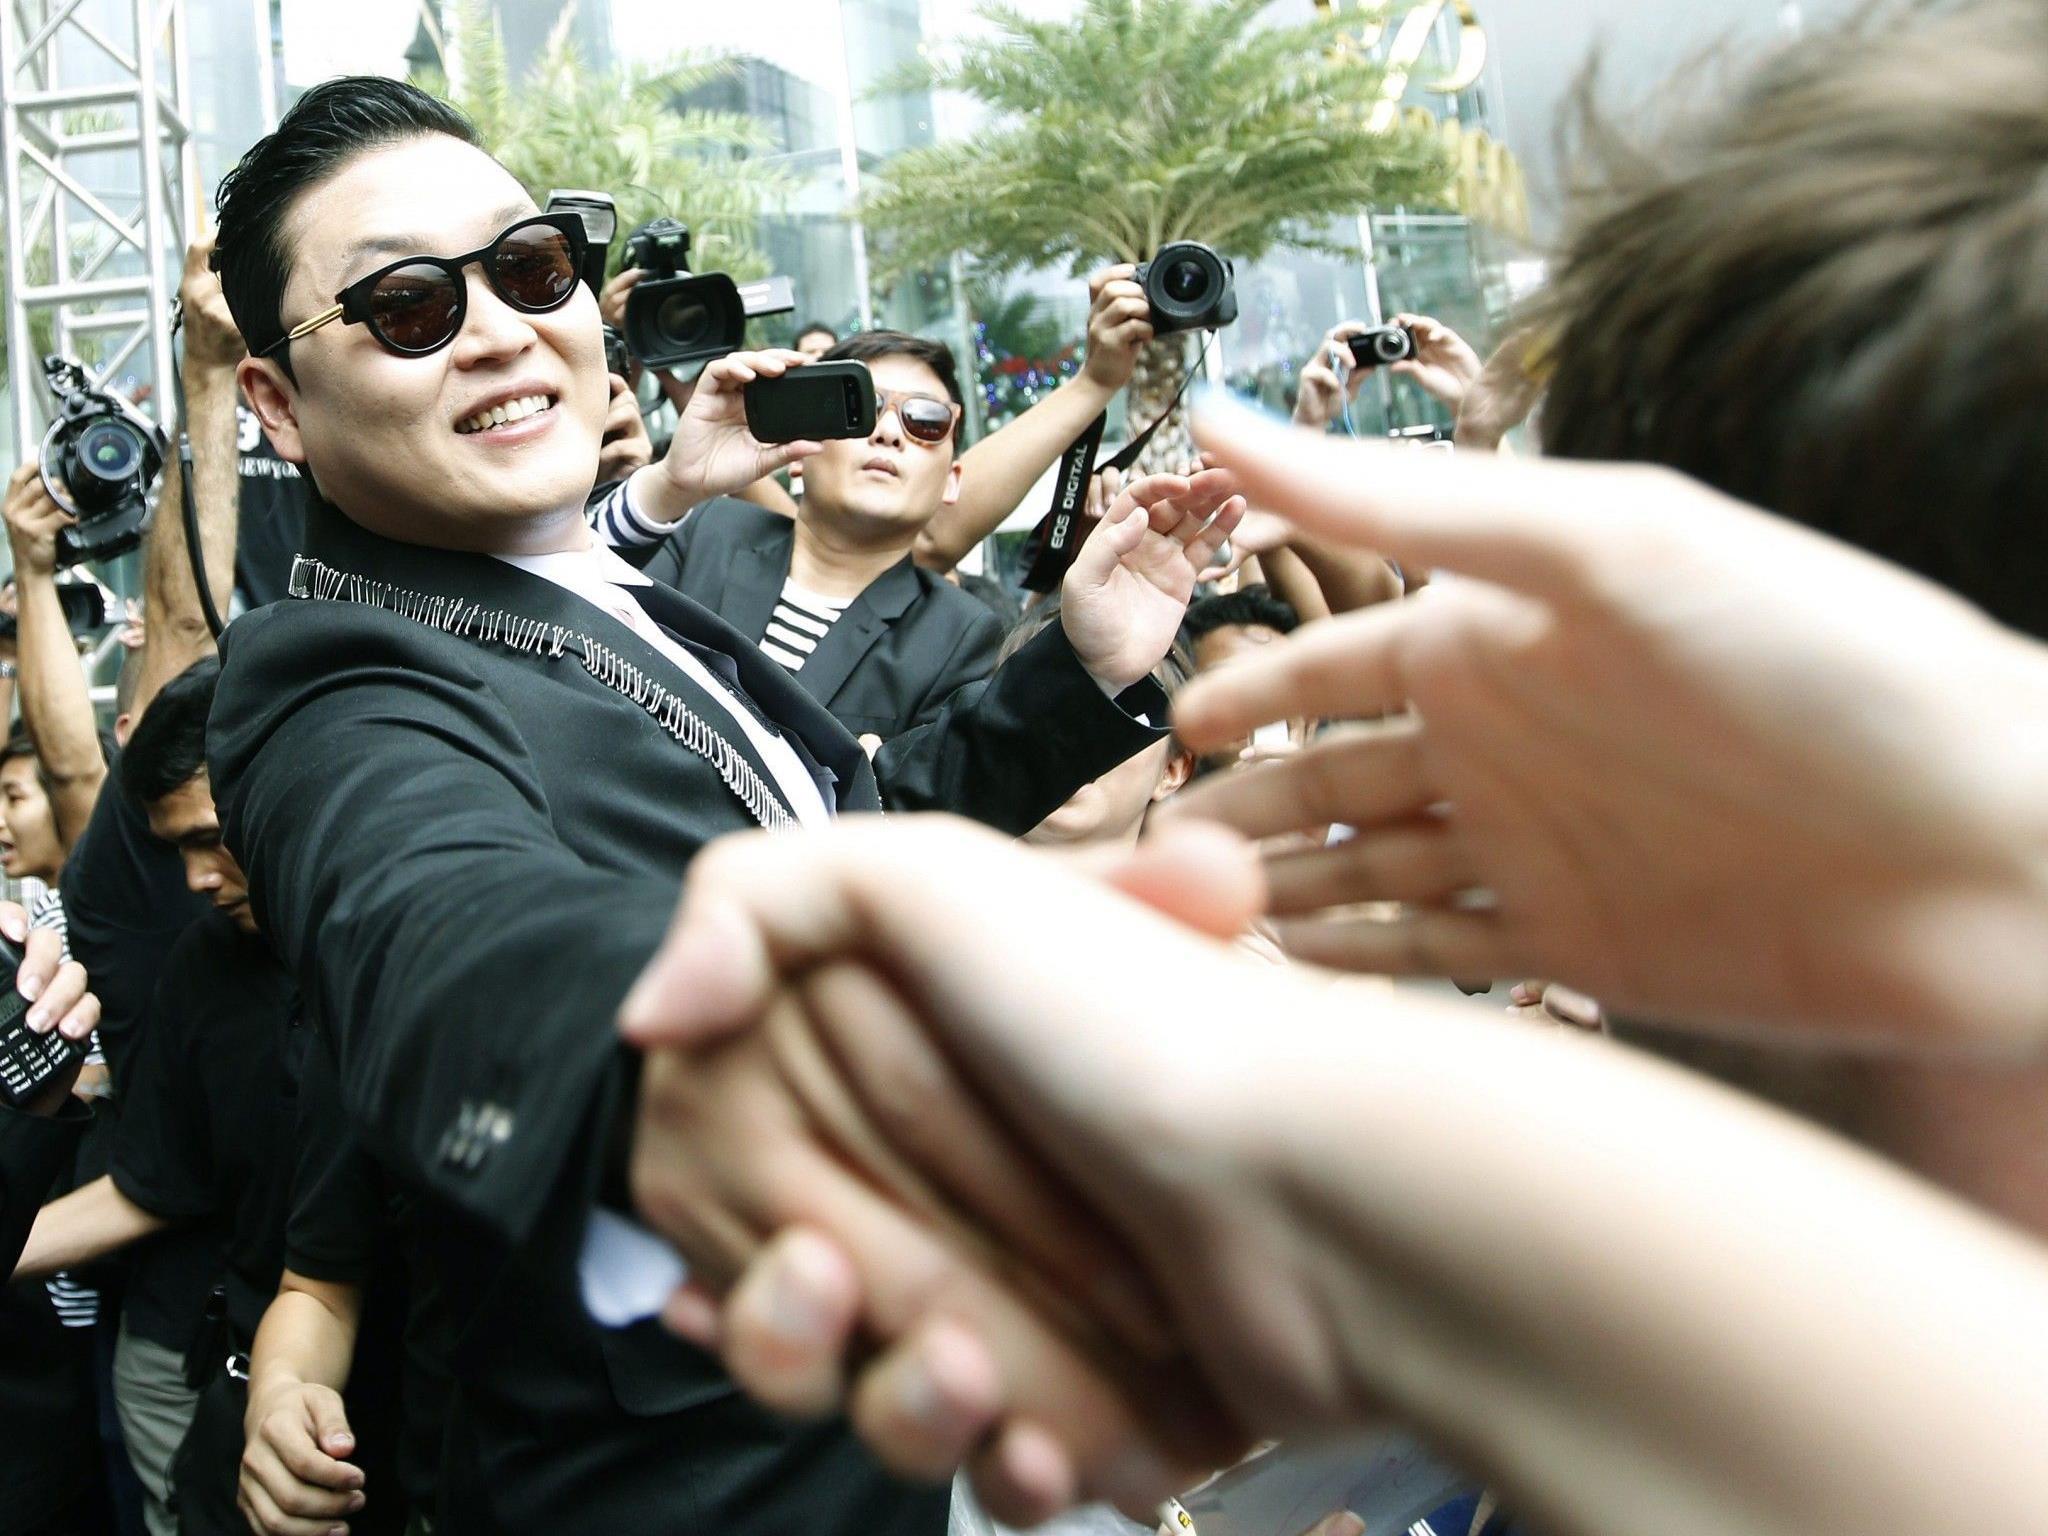 """Psy: Äußerungen seien """"tiefe emotionale Reaktion"""" auf Irak-Krieg gewesen."""